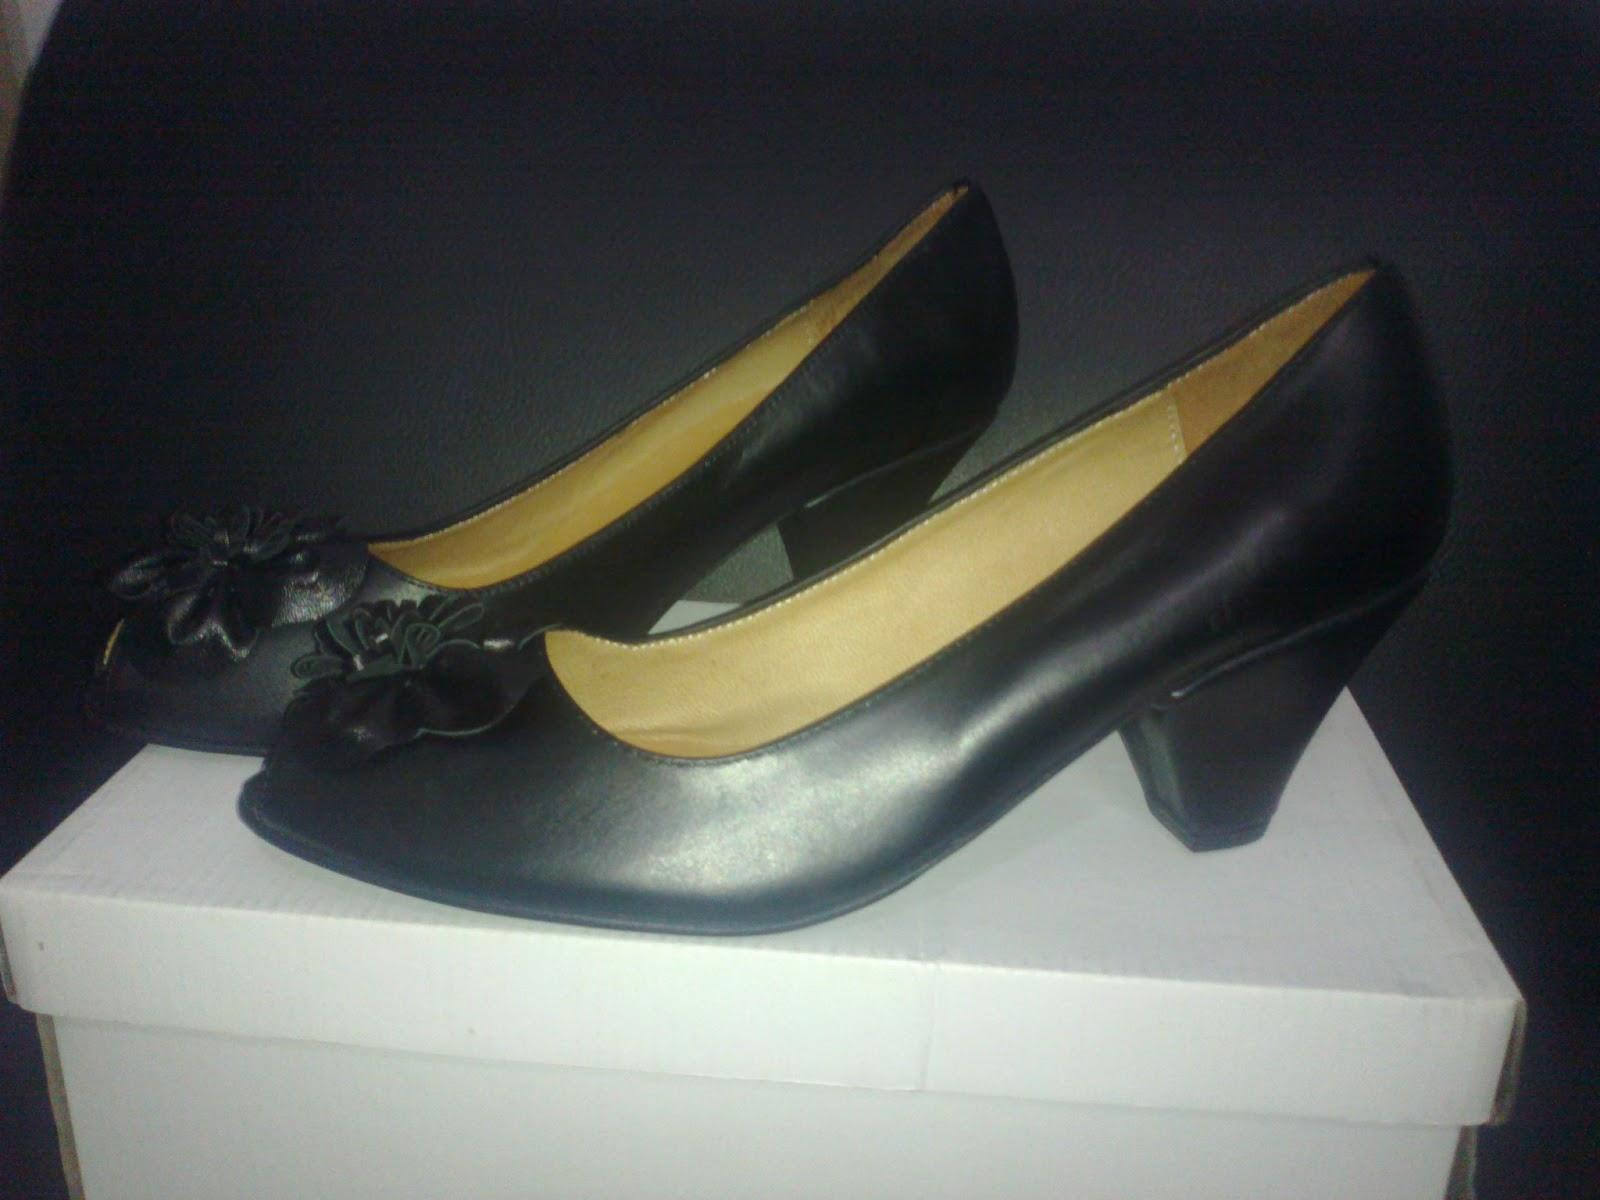 Flexi calzado casual, sport y de vestir para dama - imagenes de zapatos para dama